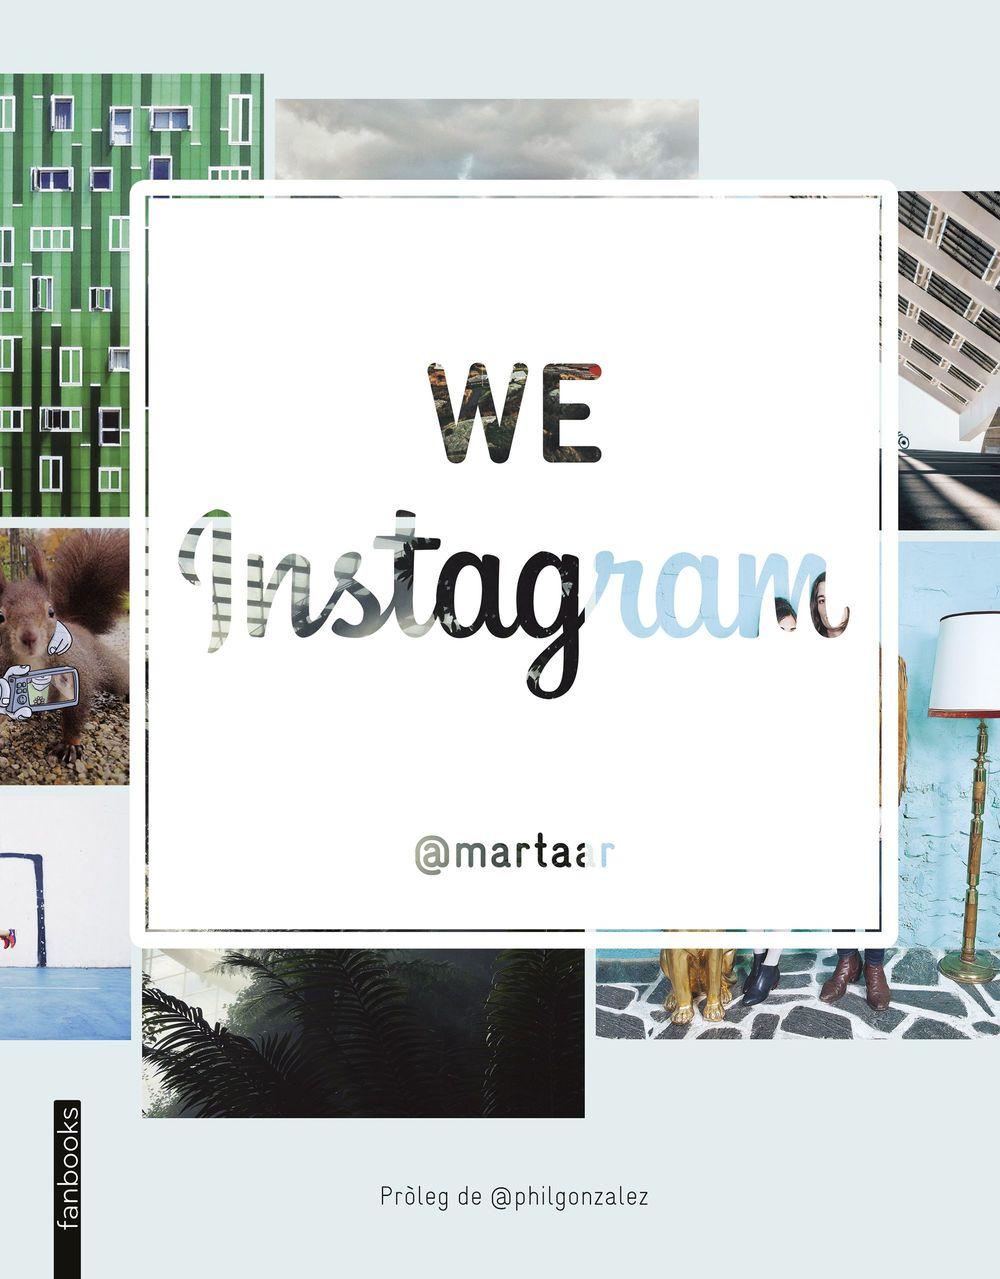 portada_we-instagram-cat_editorial-planeta-s-a_201502171545.jpg